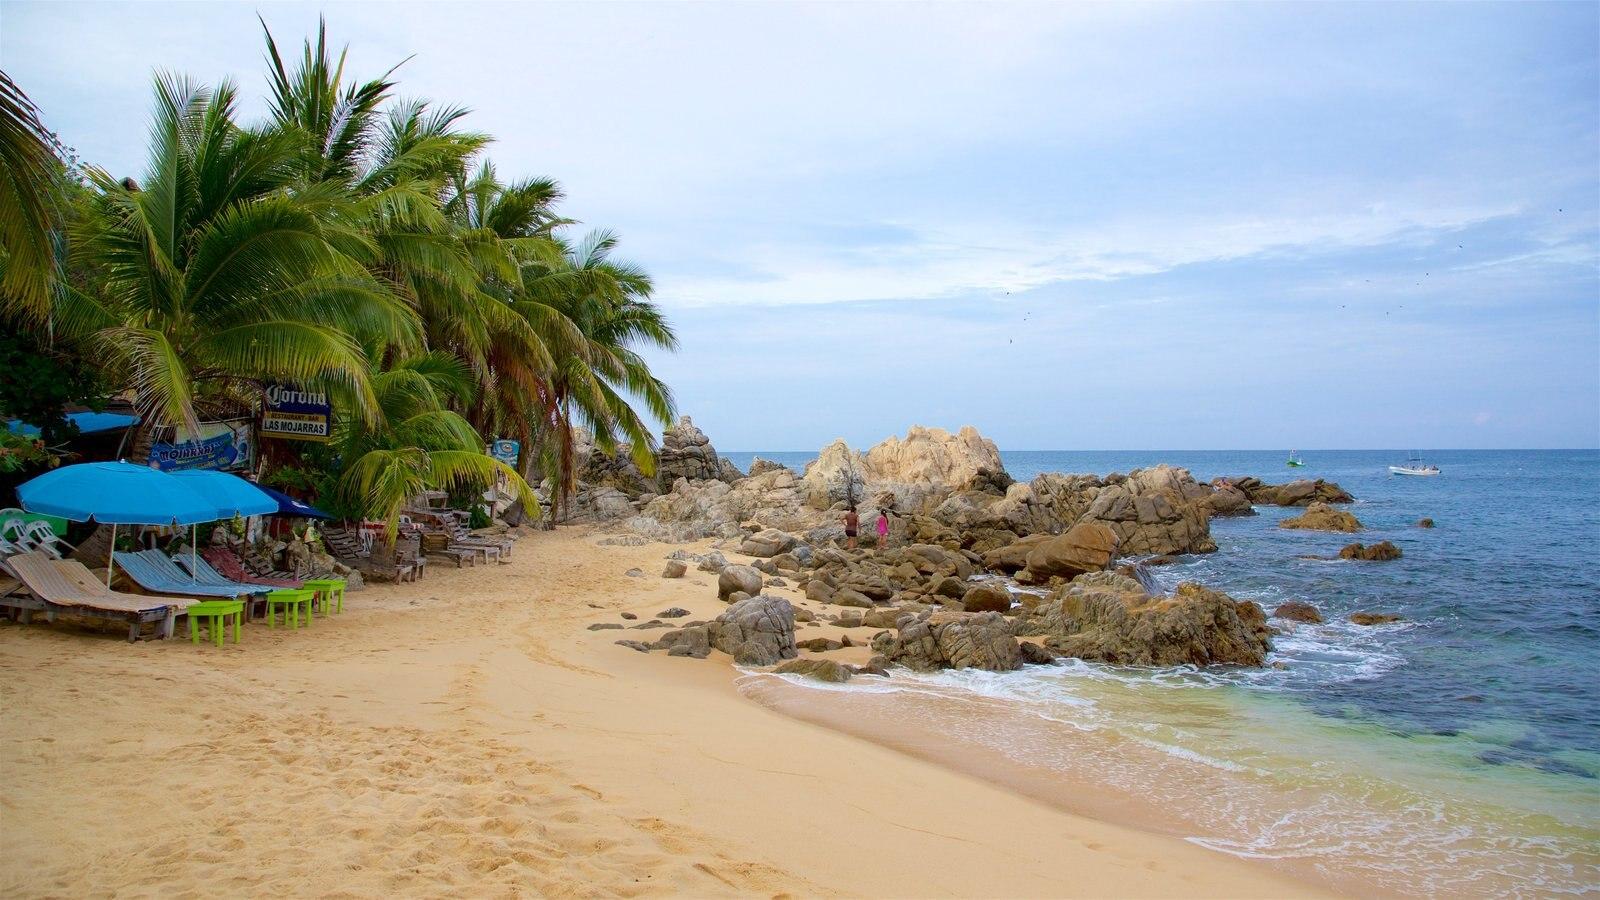 Puerto Escondido ofreciendo una playa, vistas generales de la costa y costa rocosa